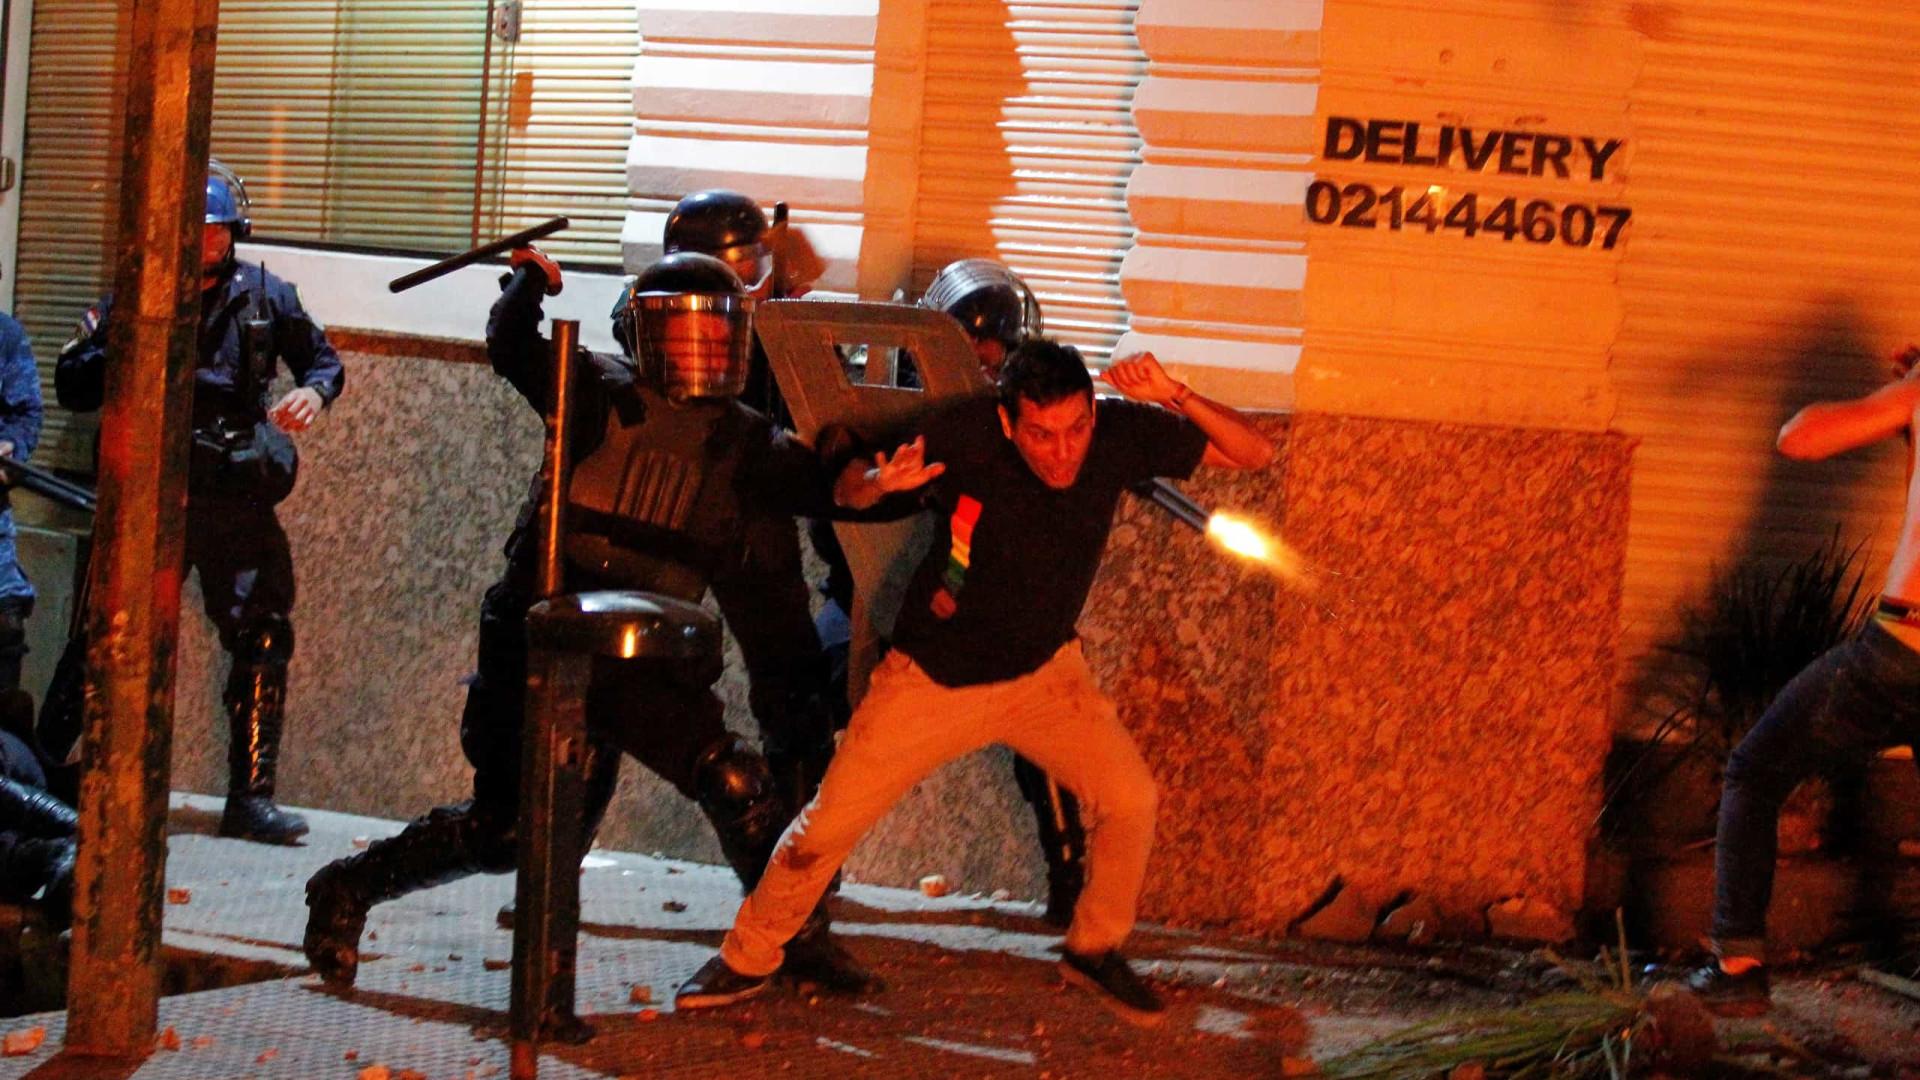 Paraguai palco de conflitos entre polícia e manifestantes anti-Presidente